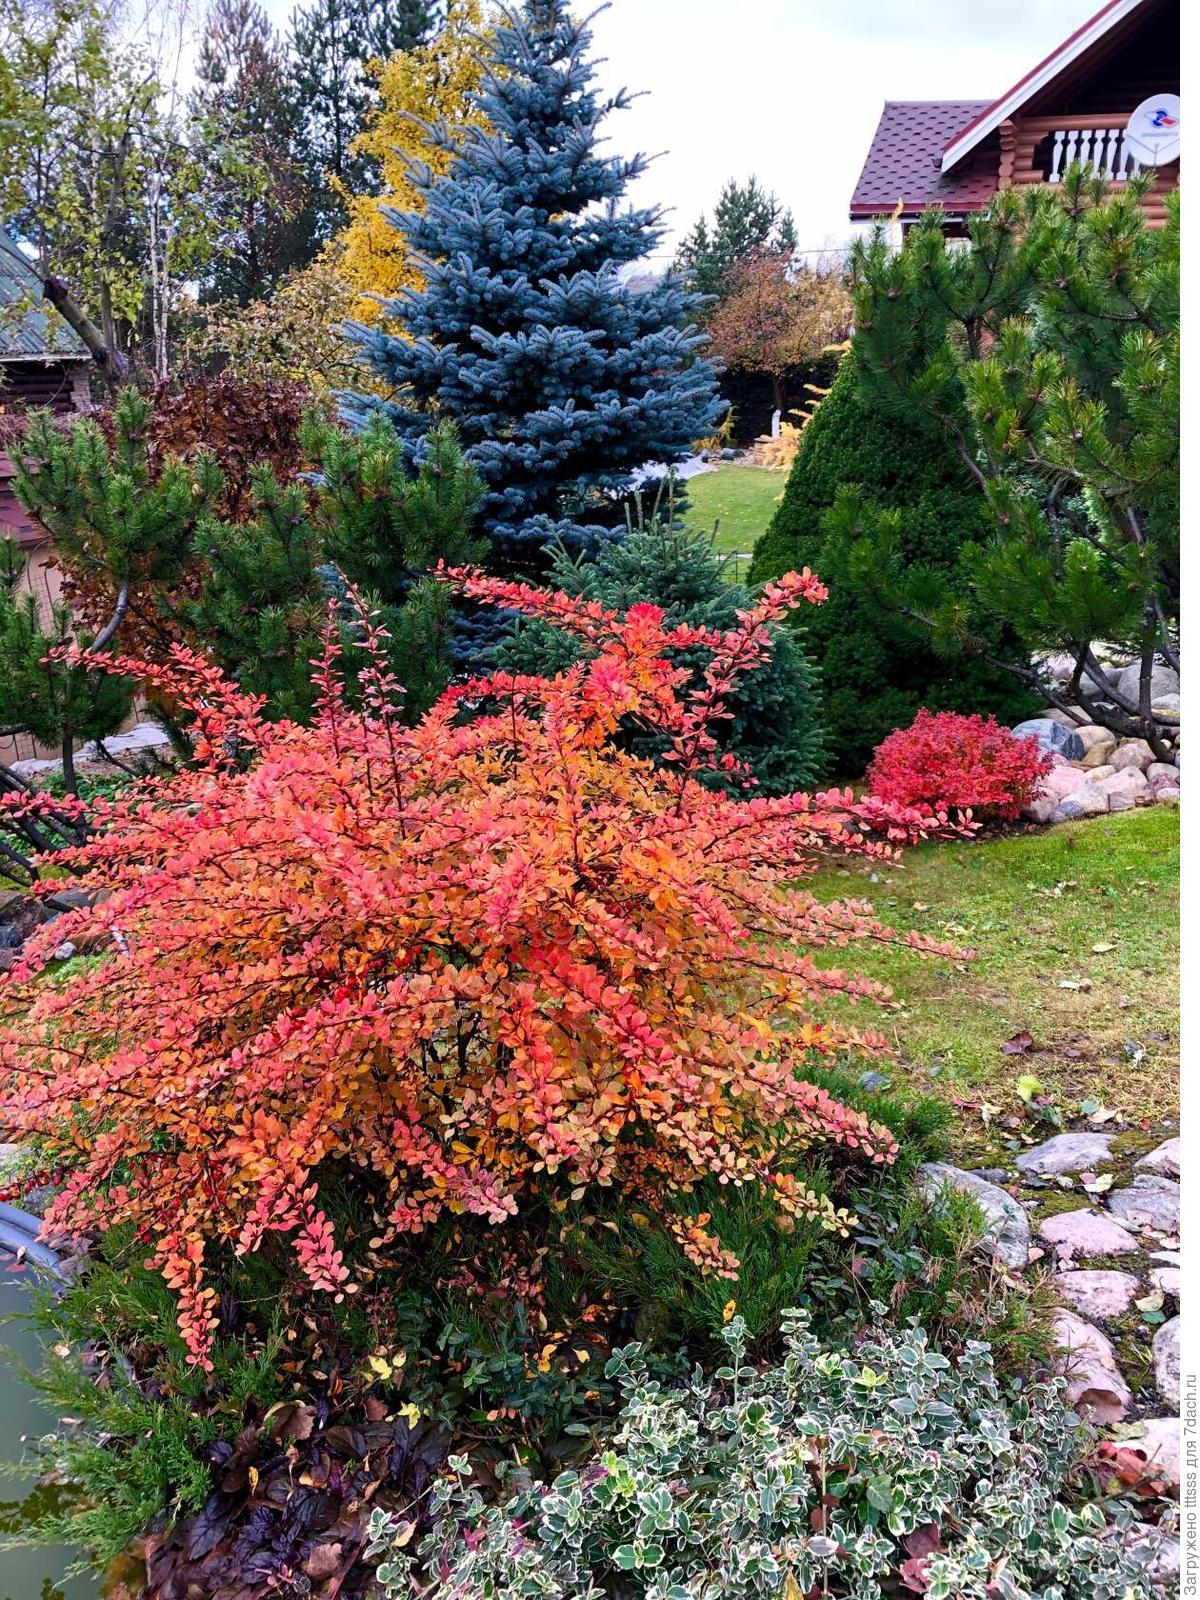 Сад непрерывного цветения - мечта, которую может осуществить каждый цветов, самых, являются, семьи, просто, лилии, конца, показать, огромное, множество, различных, цветы, цветением, смотрятся, сезона, бакопа, любимых, играть, очень, радуют